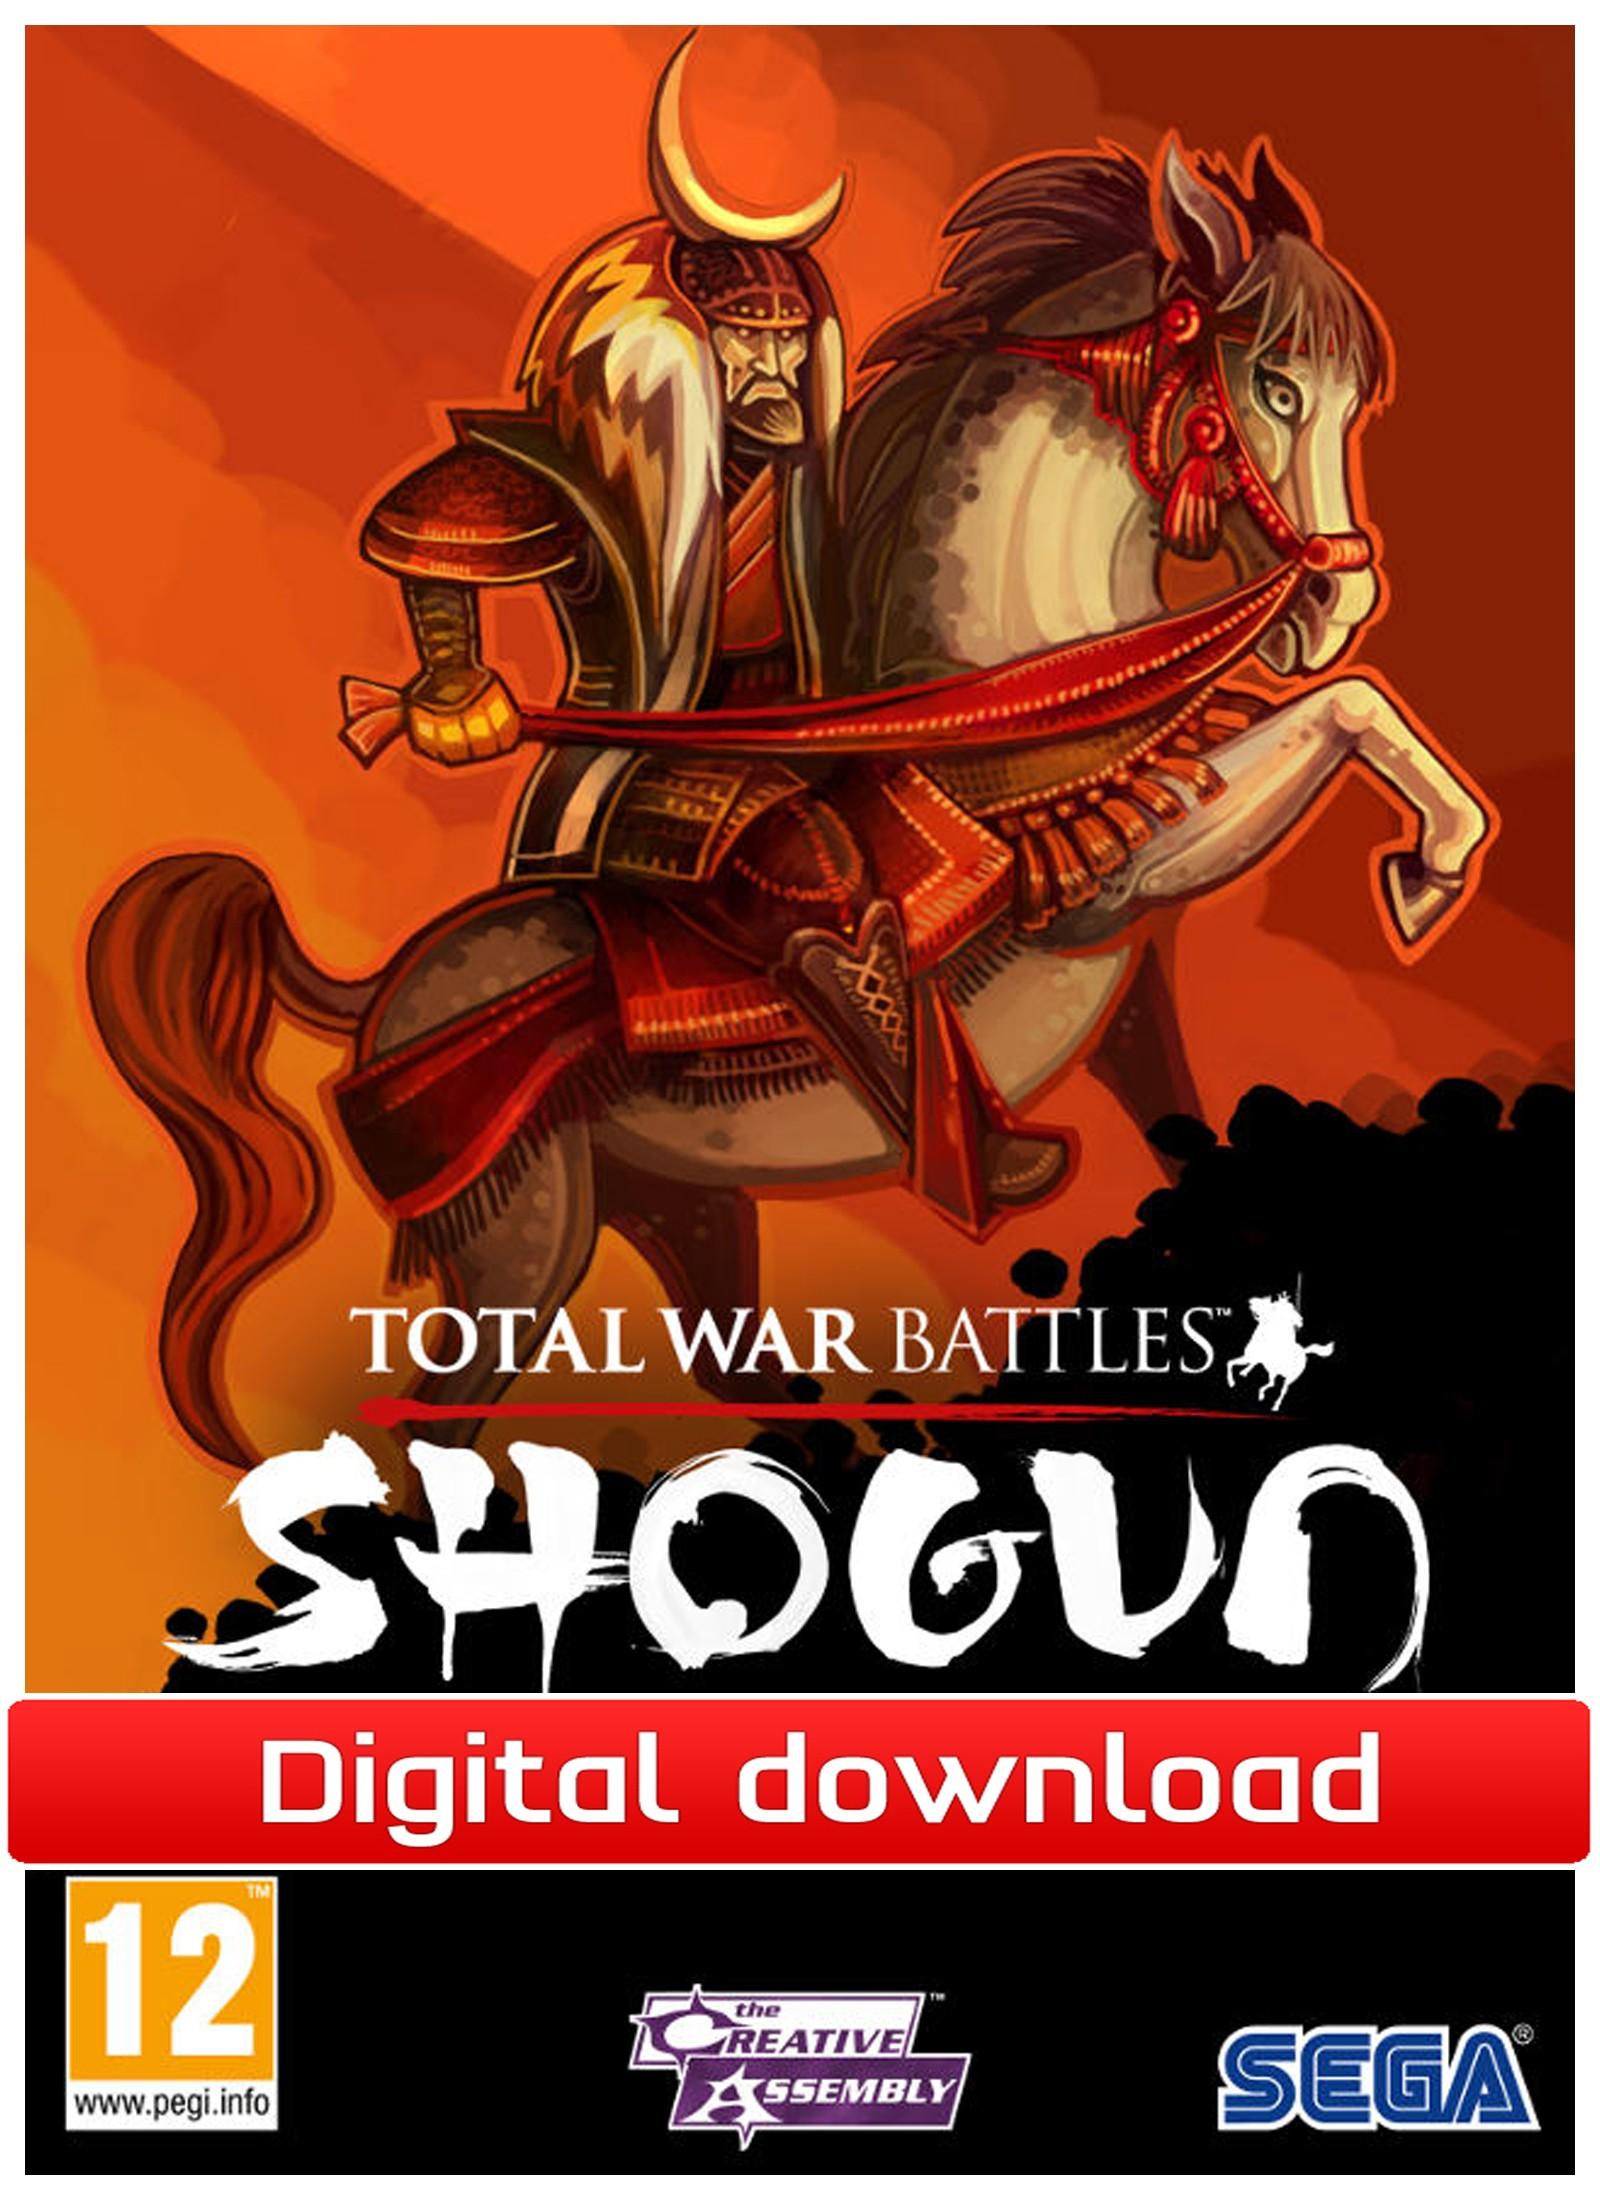 Total War Battles: SHOGUN (PC nedlastning) PCDD30473